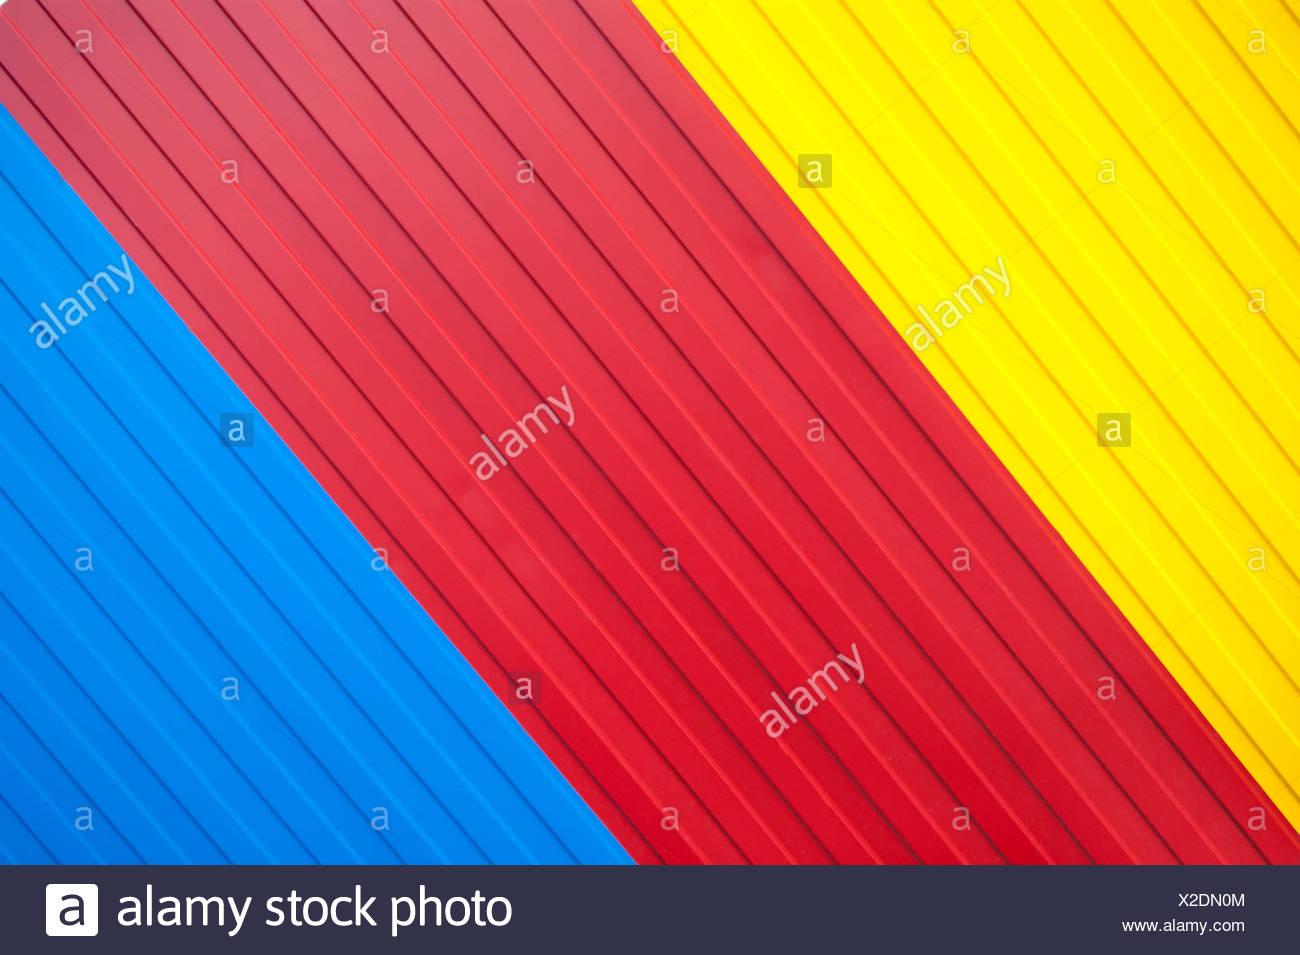 Varicoloured background - Stock Image